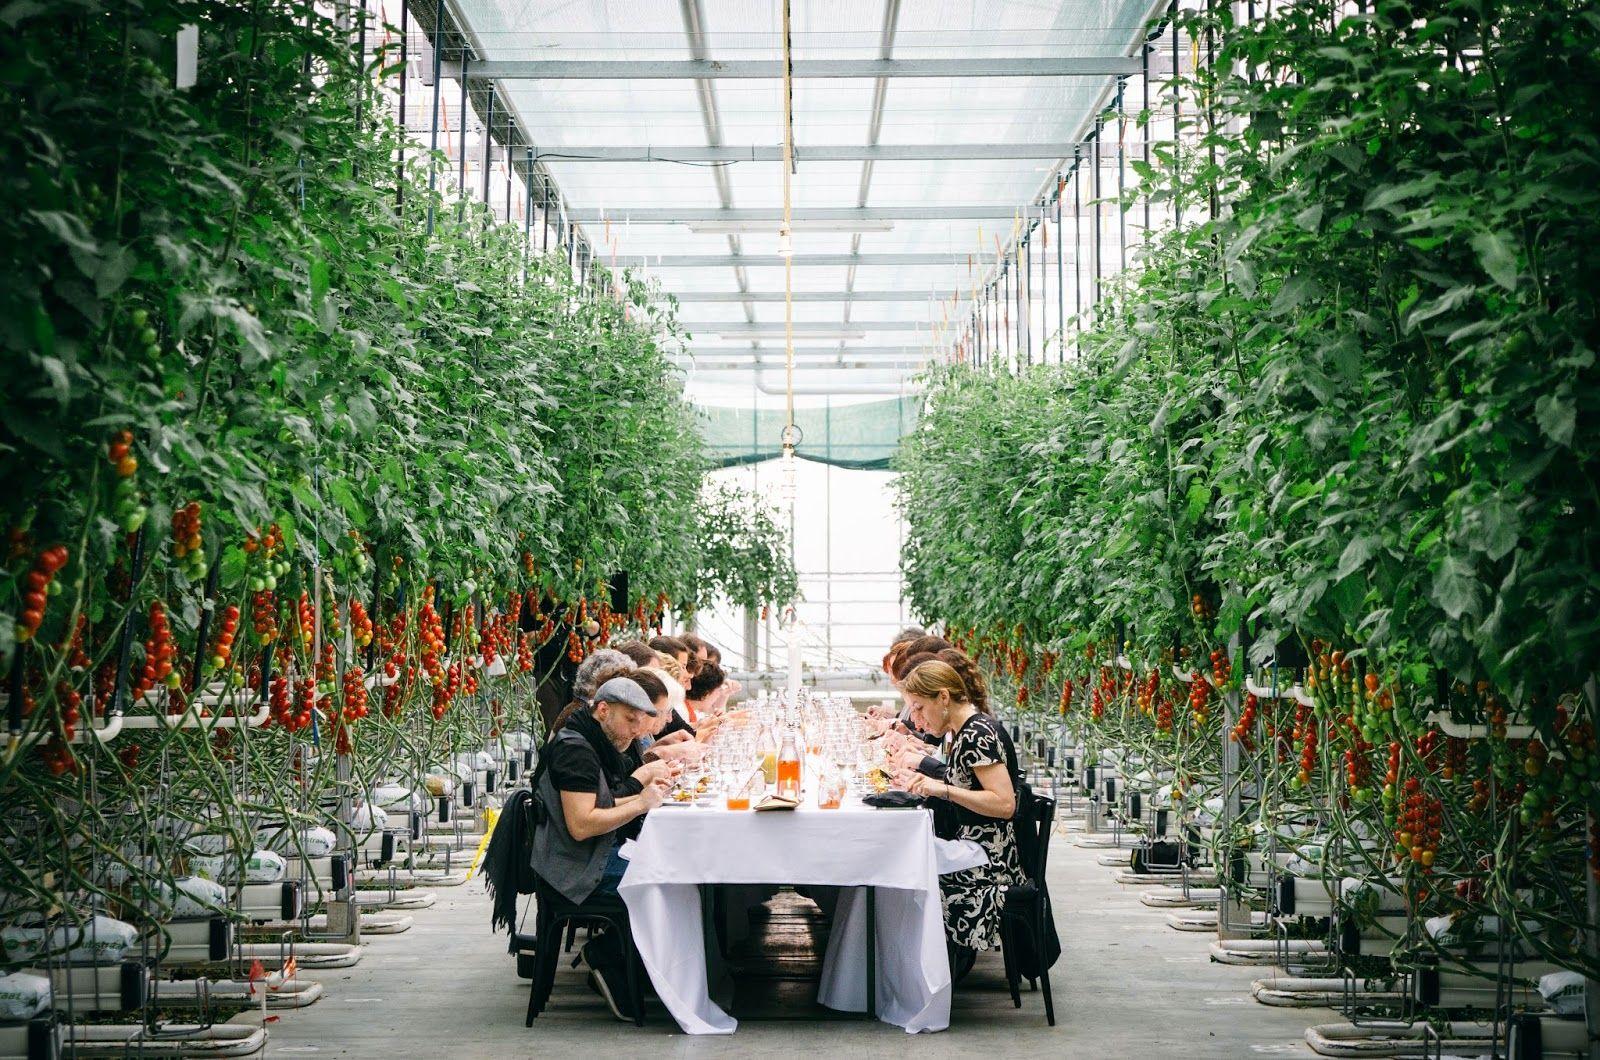 Gastfreunde: Zu Gast in einem Gewächshaus | Garten: Im Gewächshaus ...